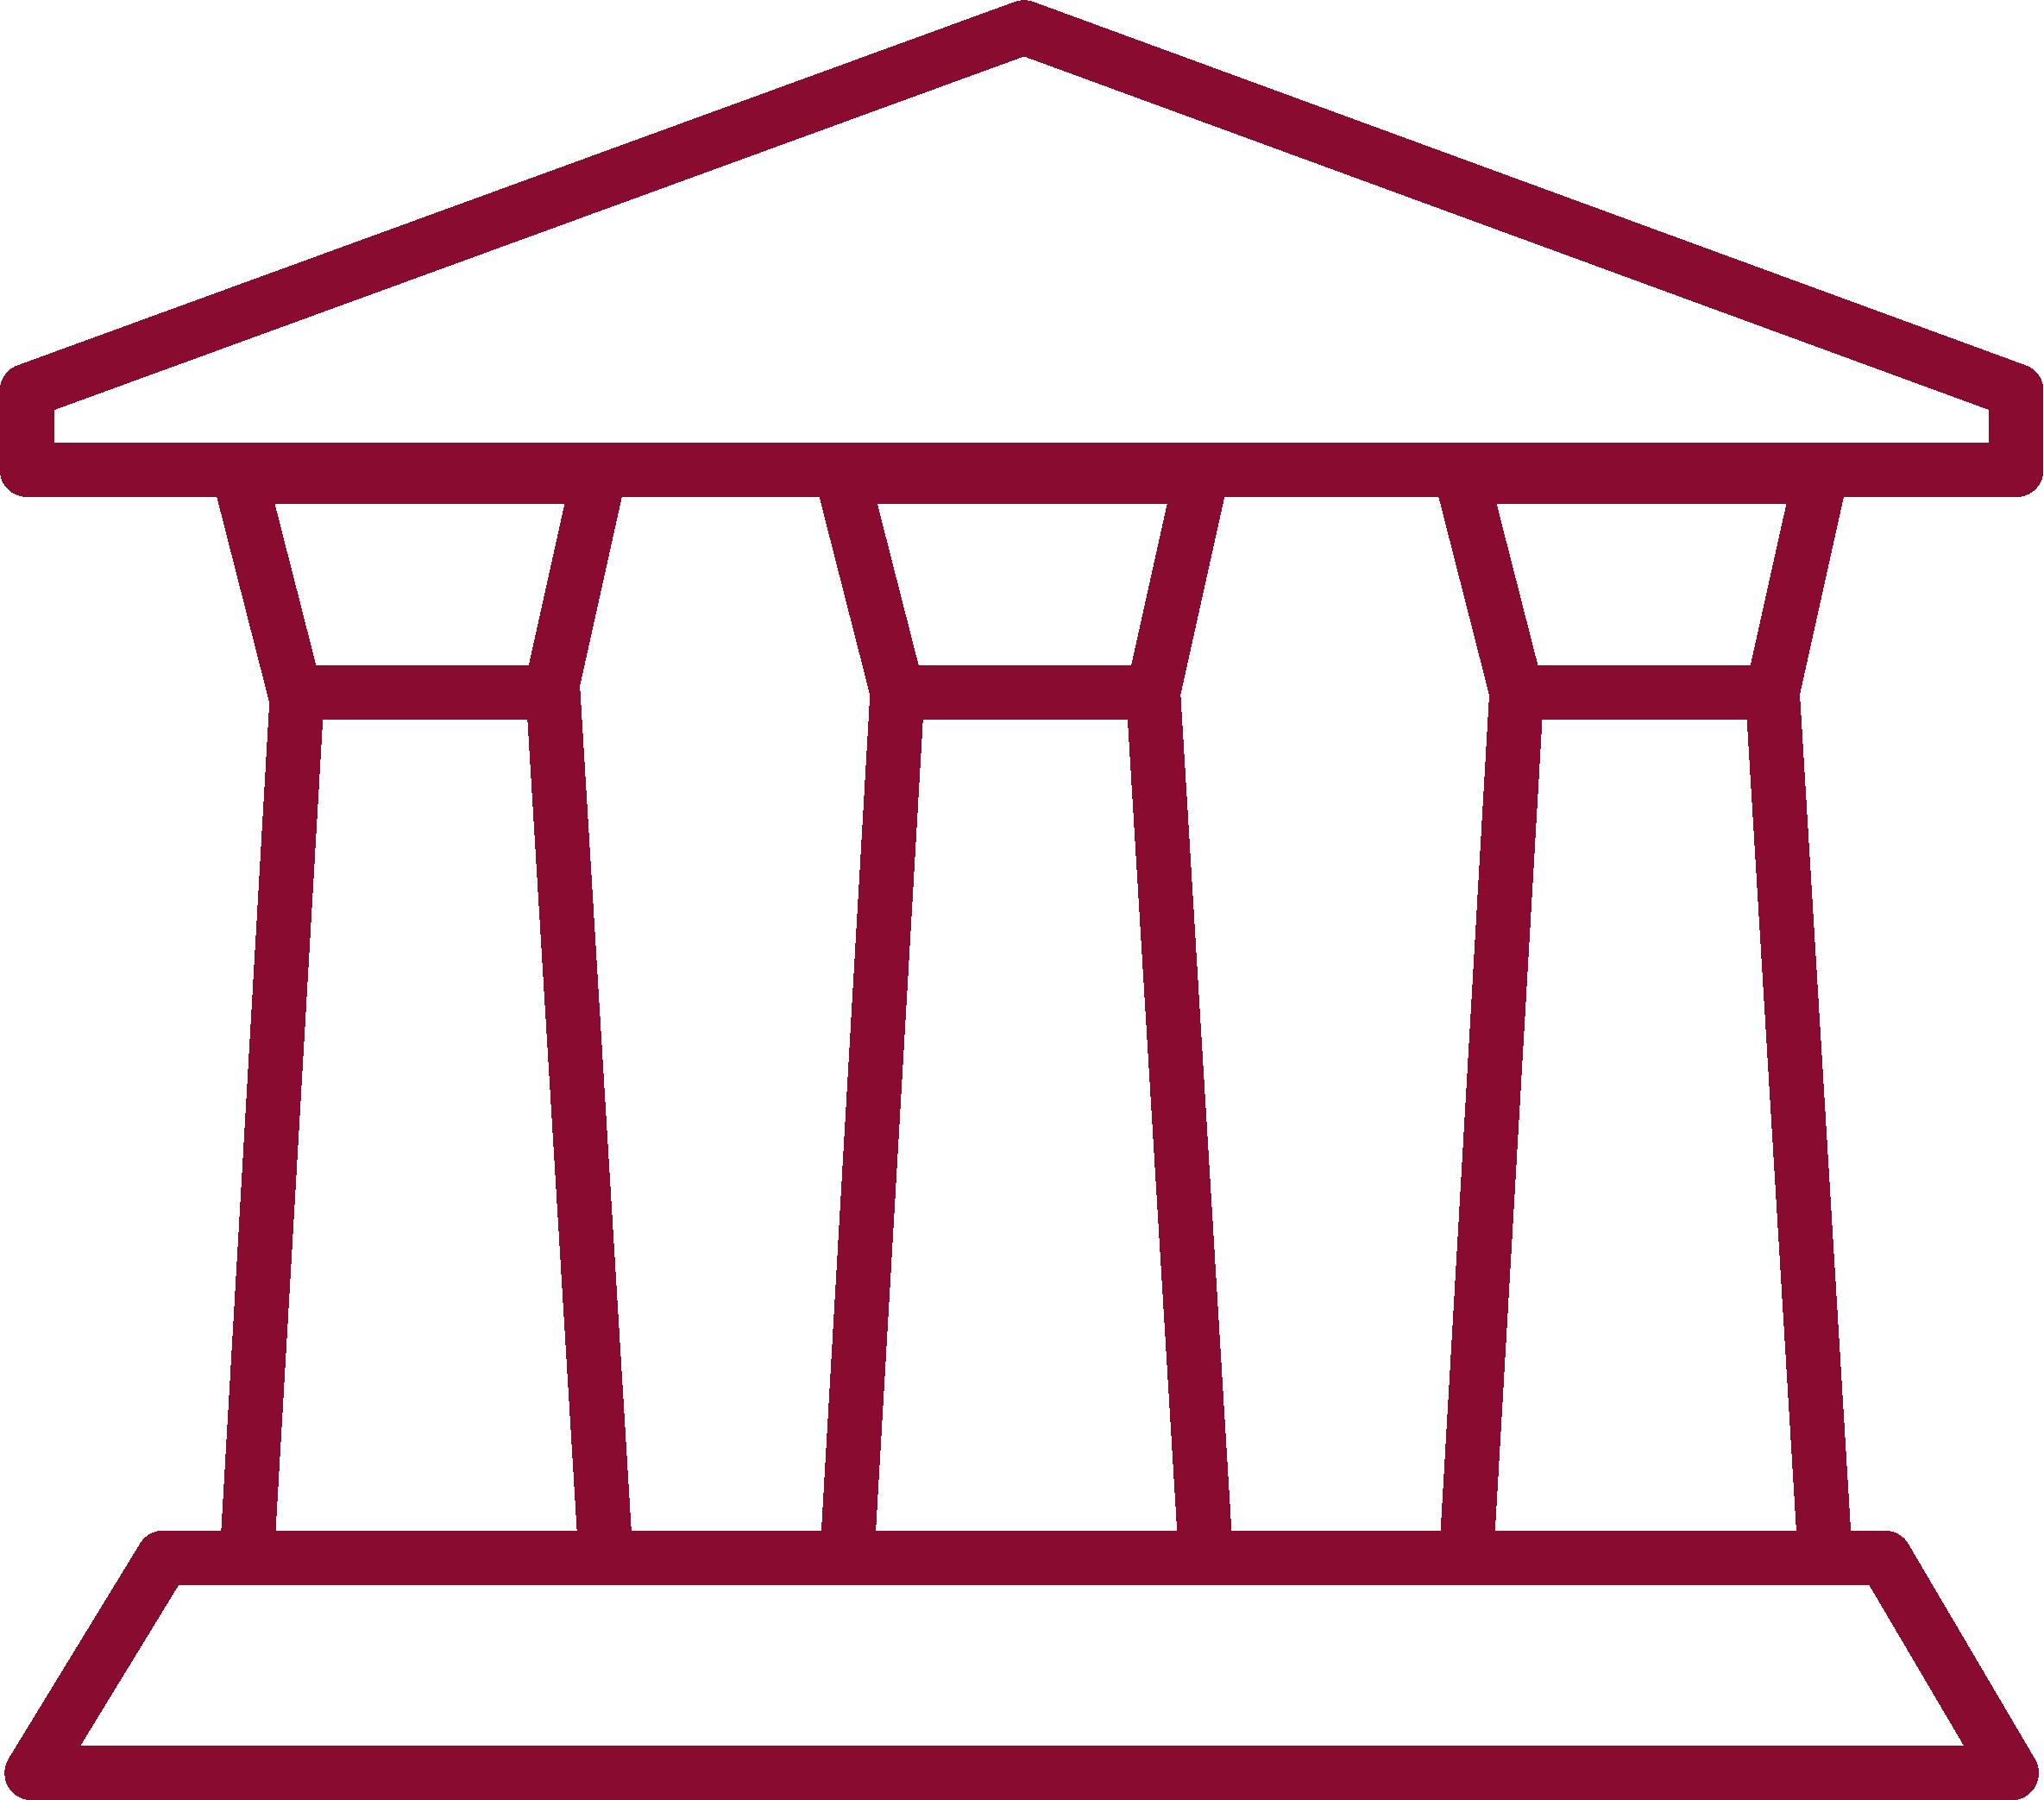 EFMD_Global-Institution